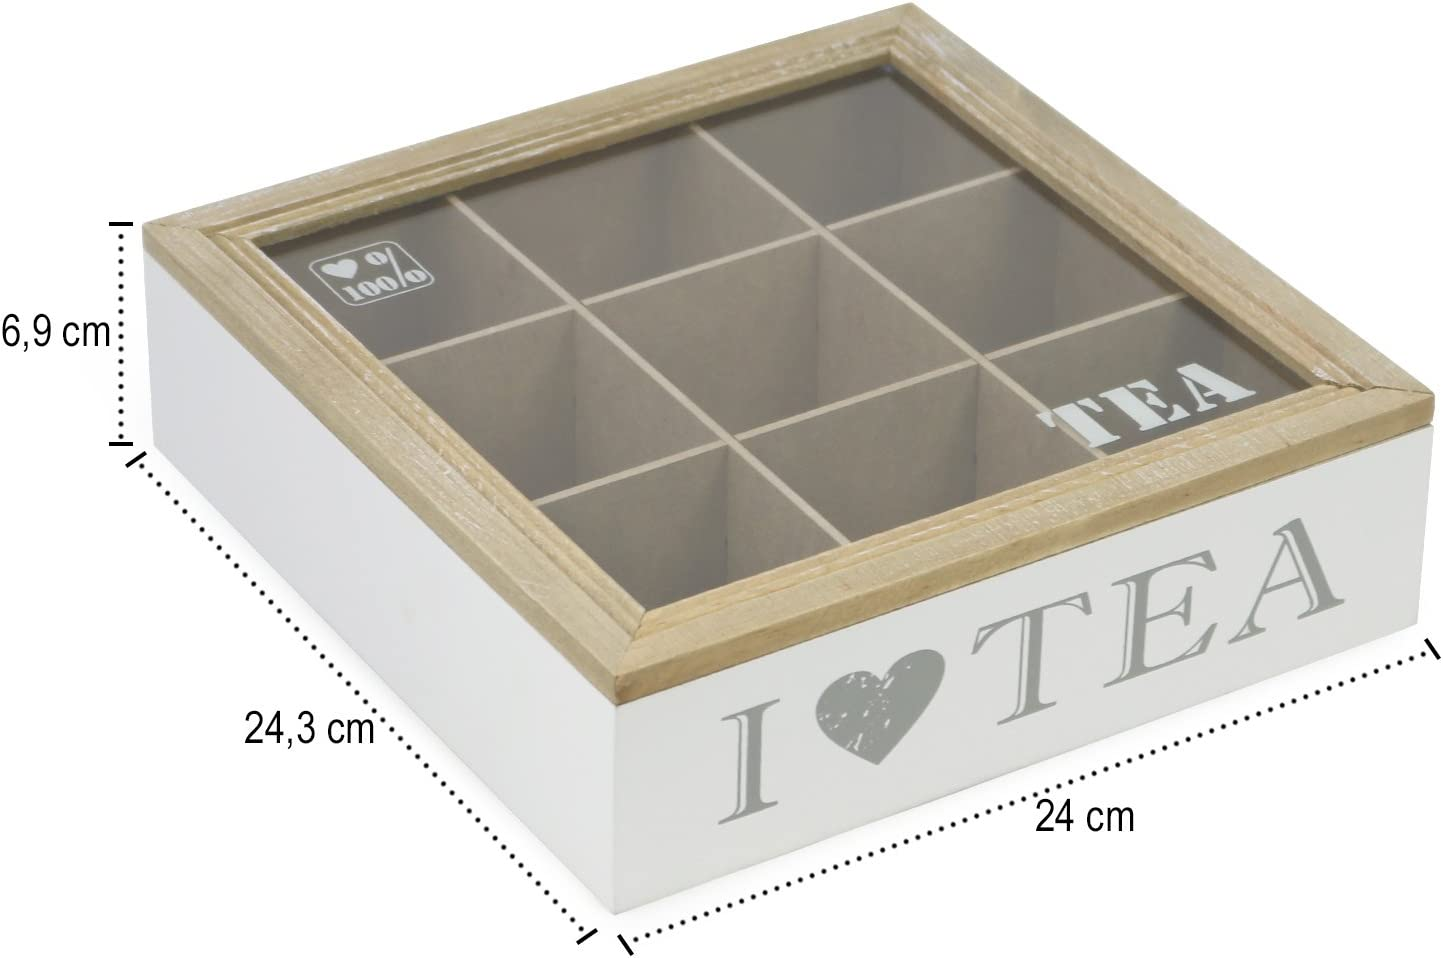 com-four/® Caja de Almacenamiento para bolsitas de t/é Caja de t/é Blanca de Madera con Tapa marr/ón con 9 Compartimentos y Ventana de visualizaci/ón de Vidrio 01 Piezas - 9 Compartimentos